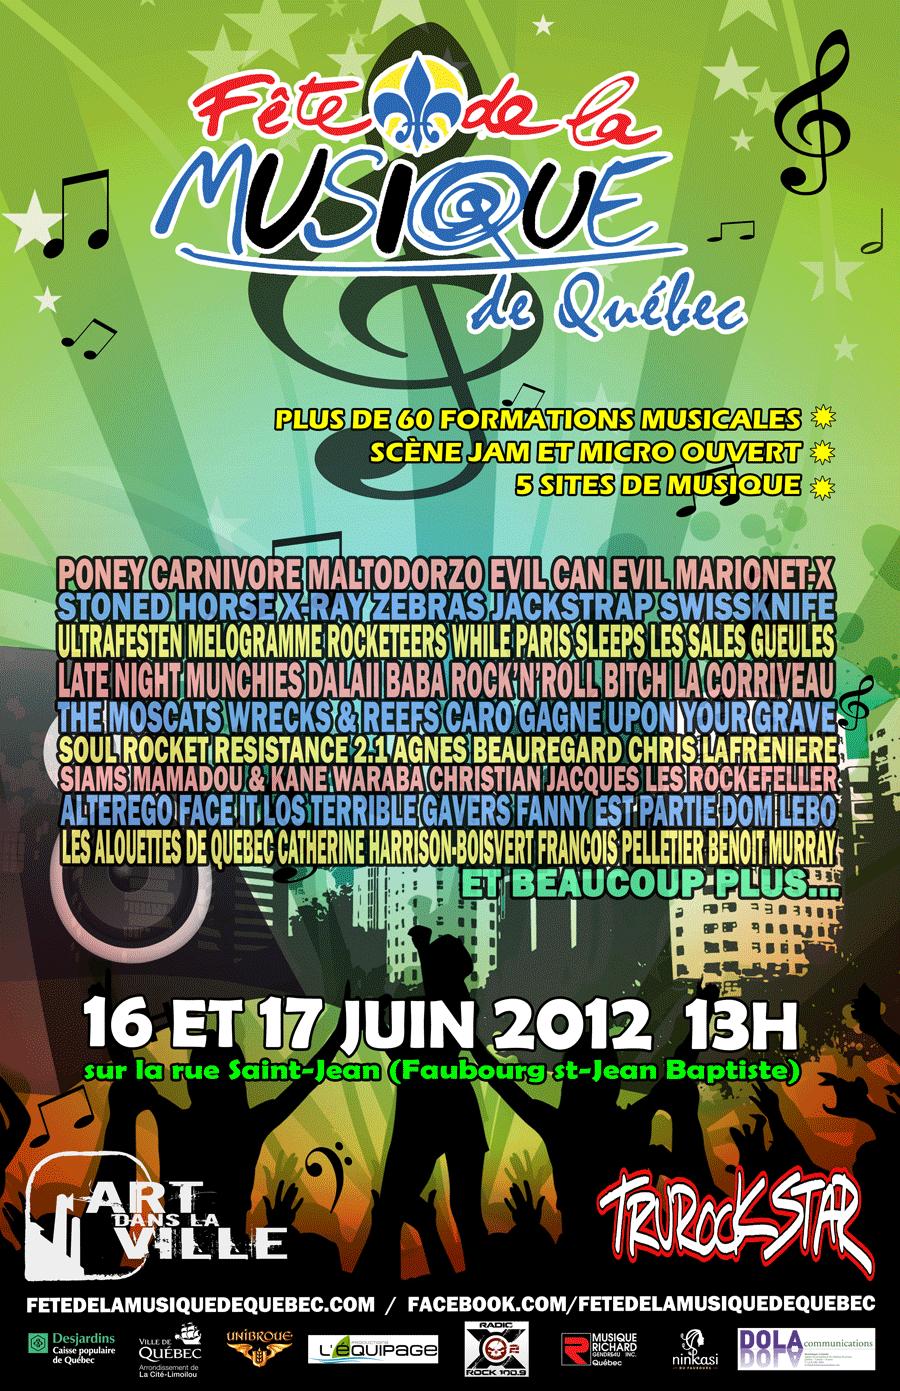 Affiche FMQ2012